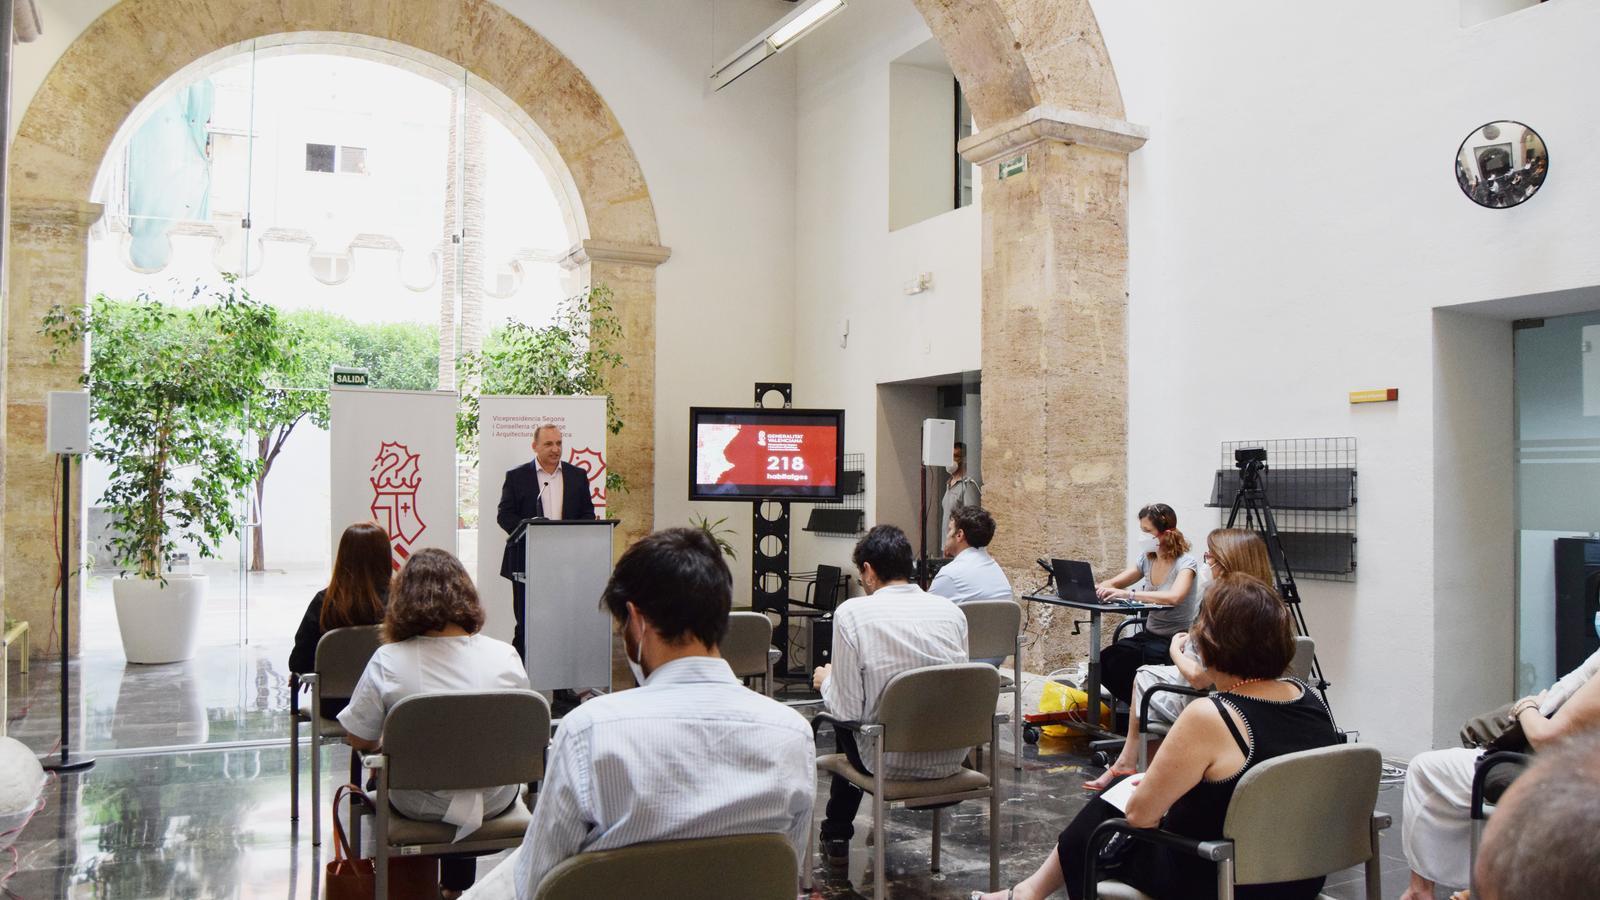 El vicepresident segon i conseller d'Habitatge i Arquitectura Bioclimàtica, Rubén Martínez Dalmau, durant l'anunci de la compra de 218 habitatges que el Banc Sabadell tenia previst vendre al fons de capital risc Cerberus